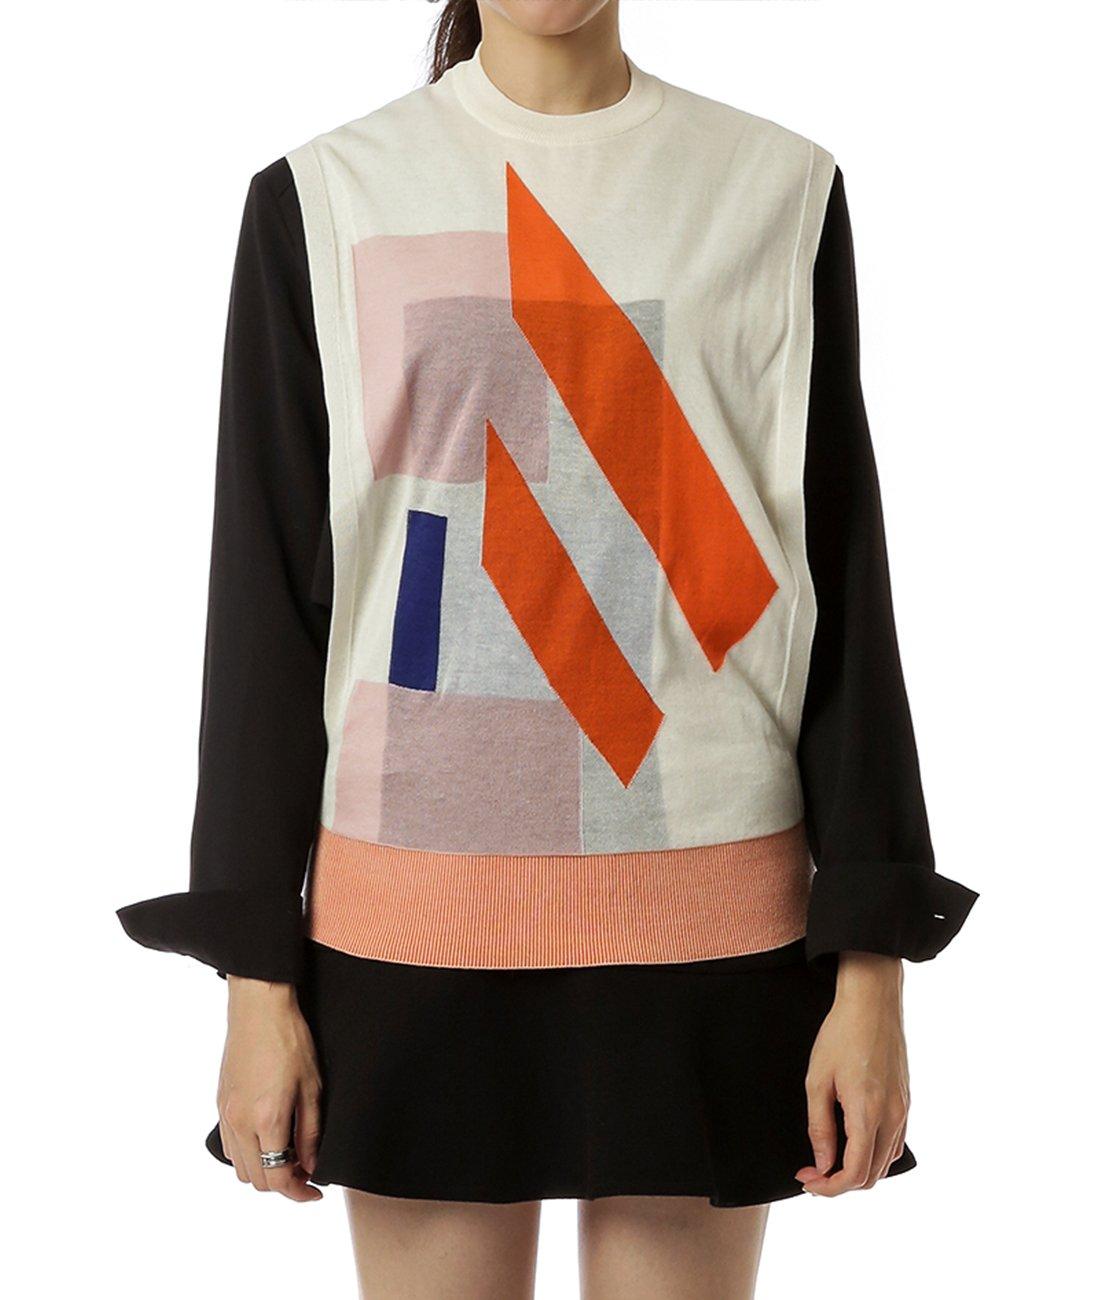 Wiberlux Acne Bena Trans Women's Geometric Pattern Open Side Vest M Ivory